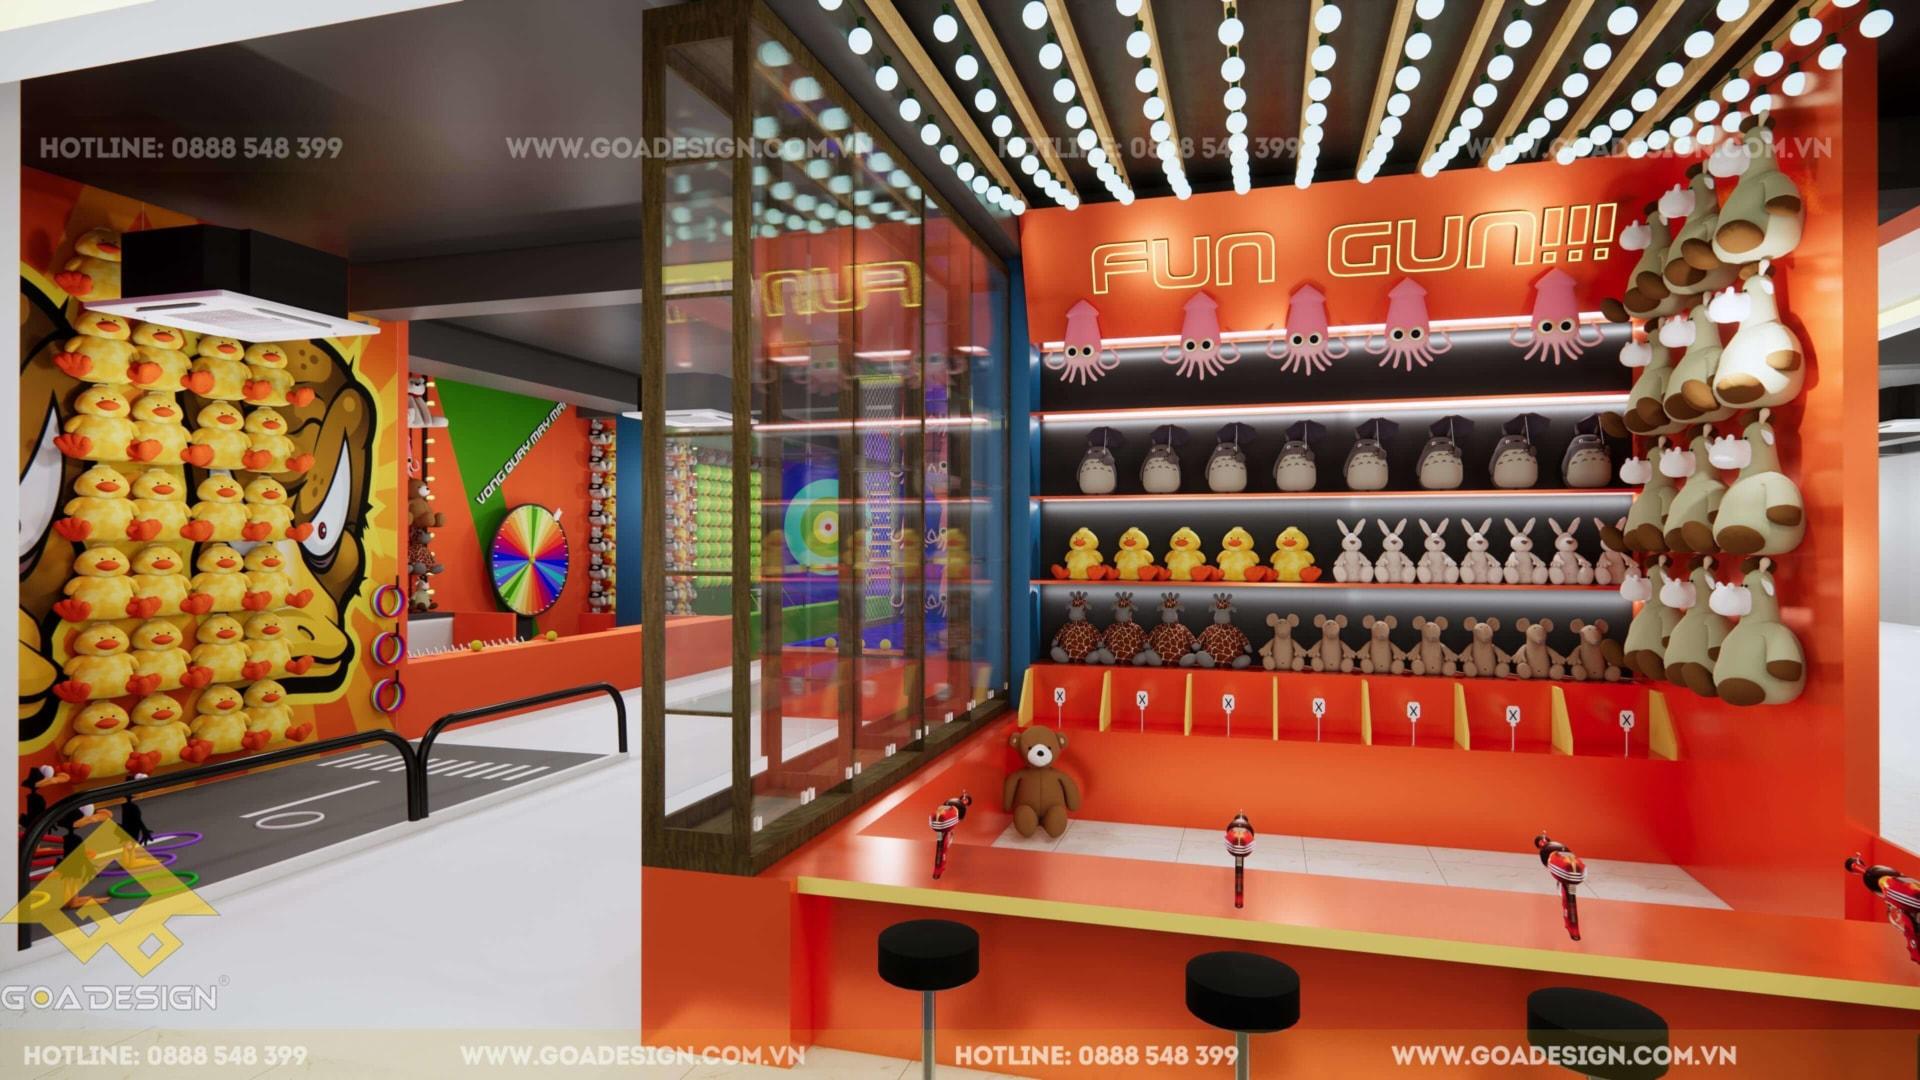 GOADESIGN Tư vấn thiết kế thi công Food & Drink Rio (16)